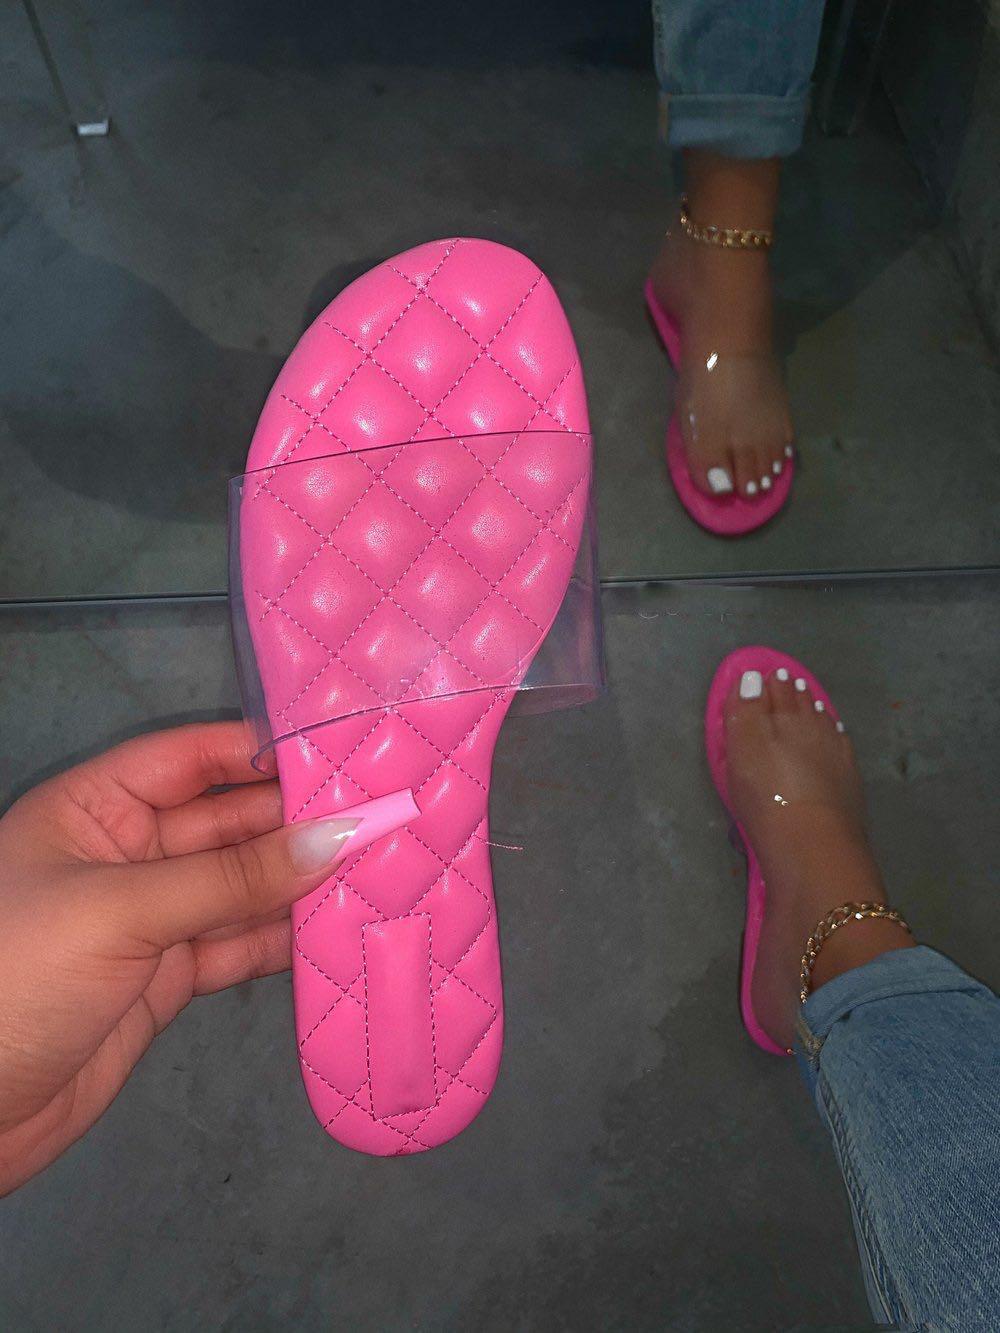 envío libre de las sandalias de mujer negro 2020 pequeñas mujeres fragantes nuevo diseño de zapatos de las mujeres zapatos de diapositivas bajo precio al por mayor caliente